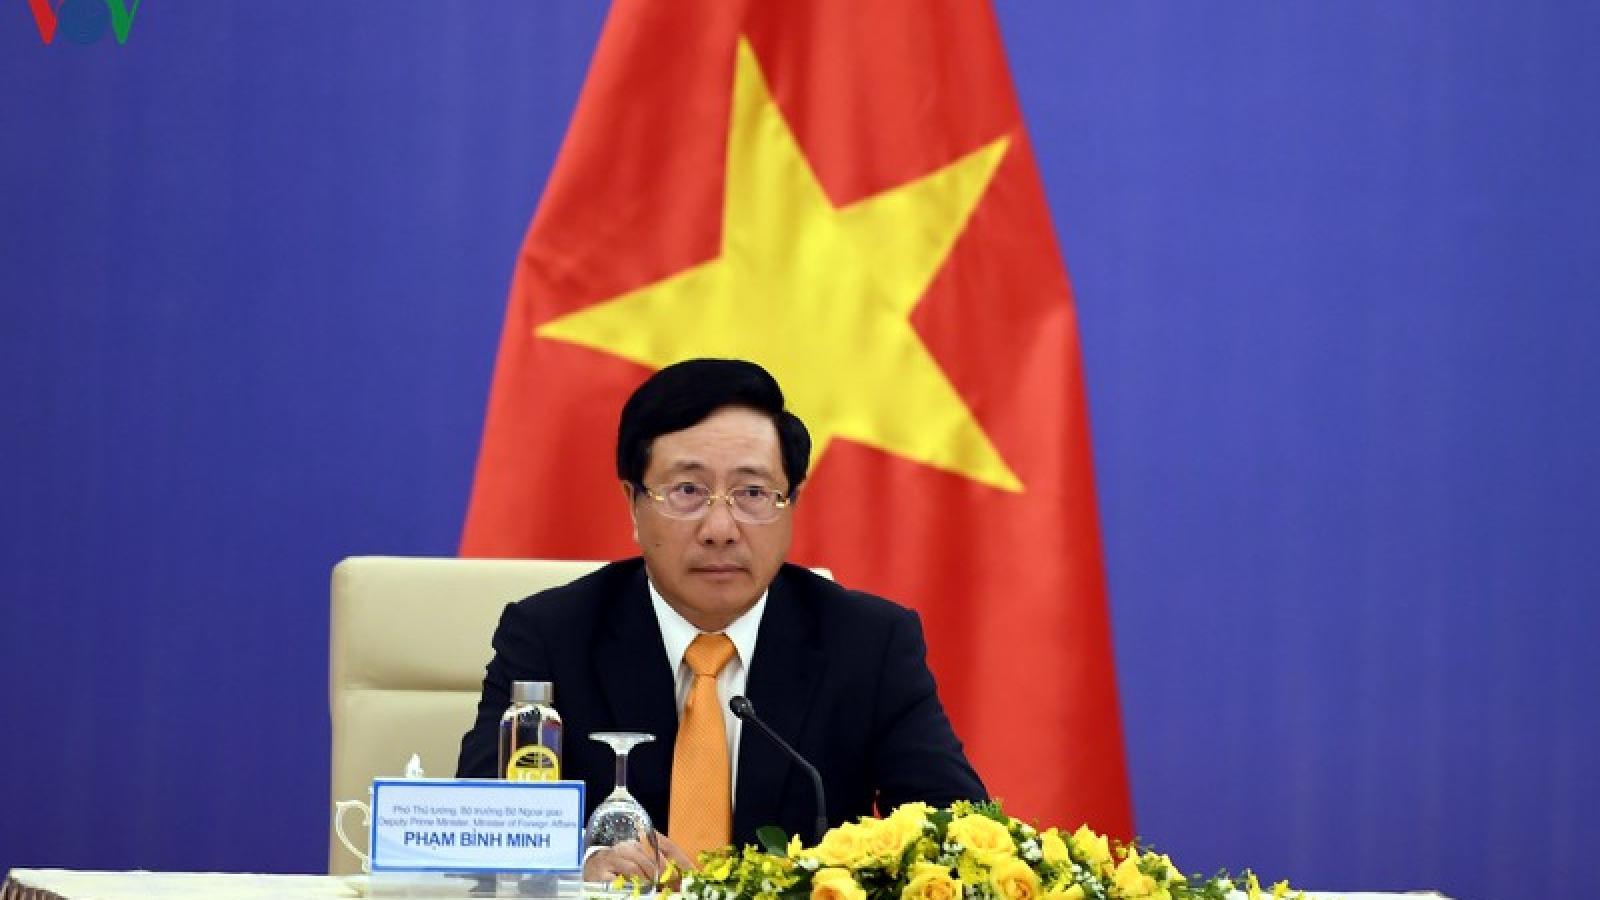 Việt Nam và Trung Quốc trao đổi thẳng thắn về tình hình trên biển